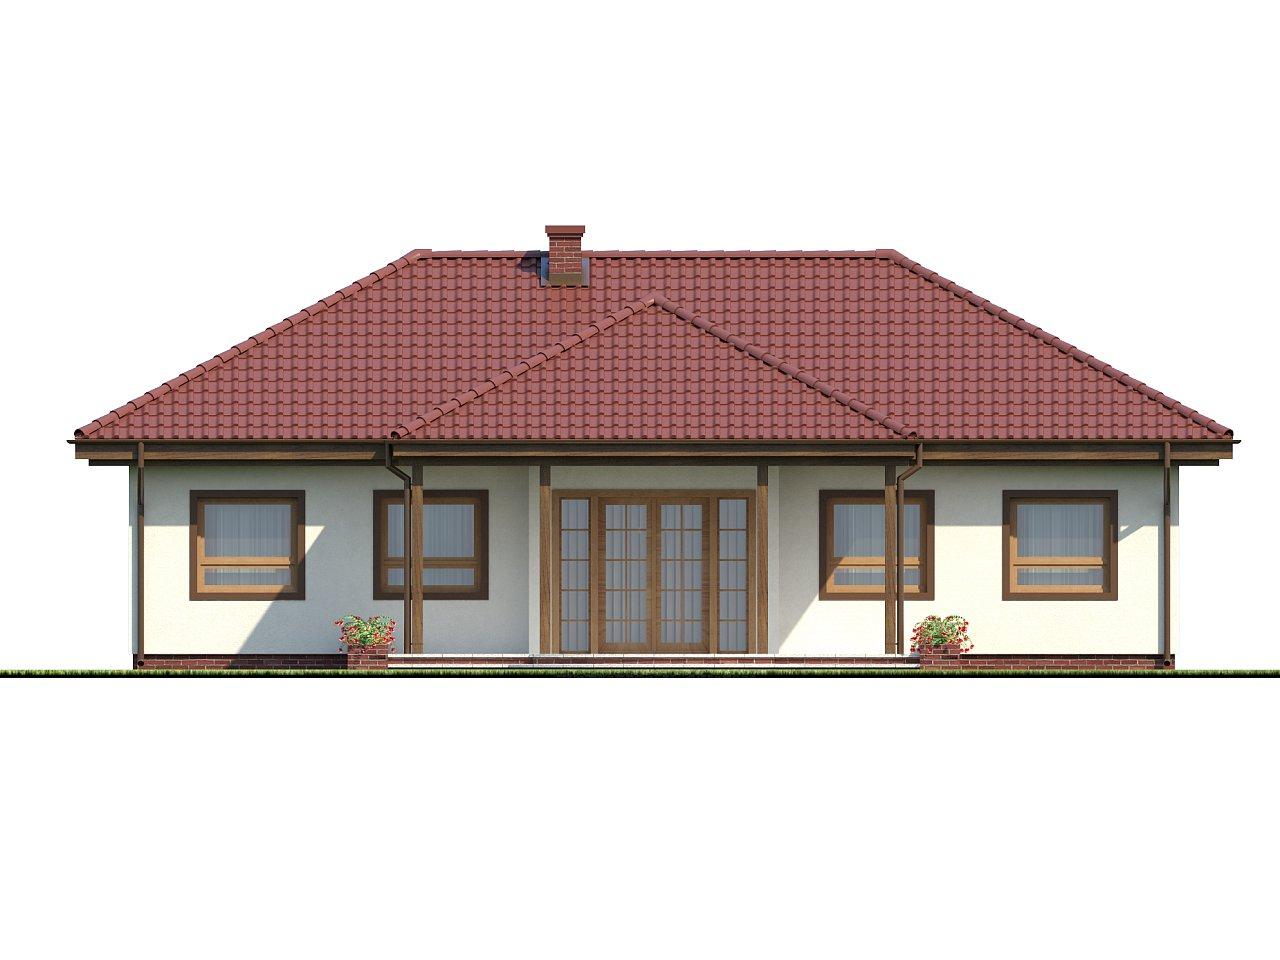 Симметричный одноэтажный дом с многоскатной кровлей. 4